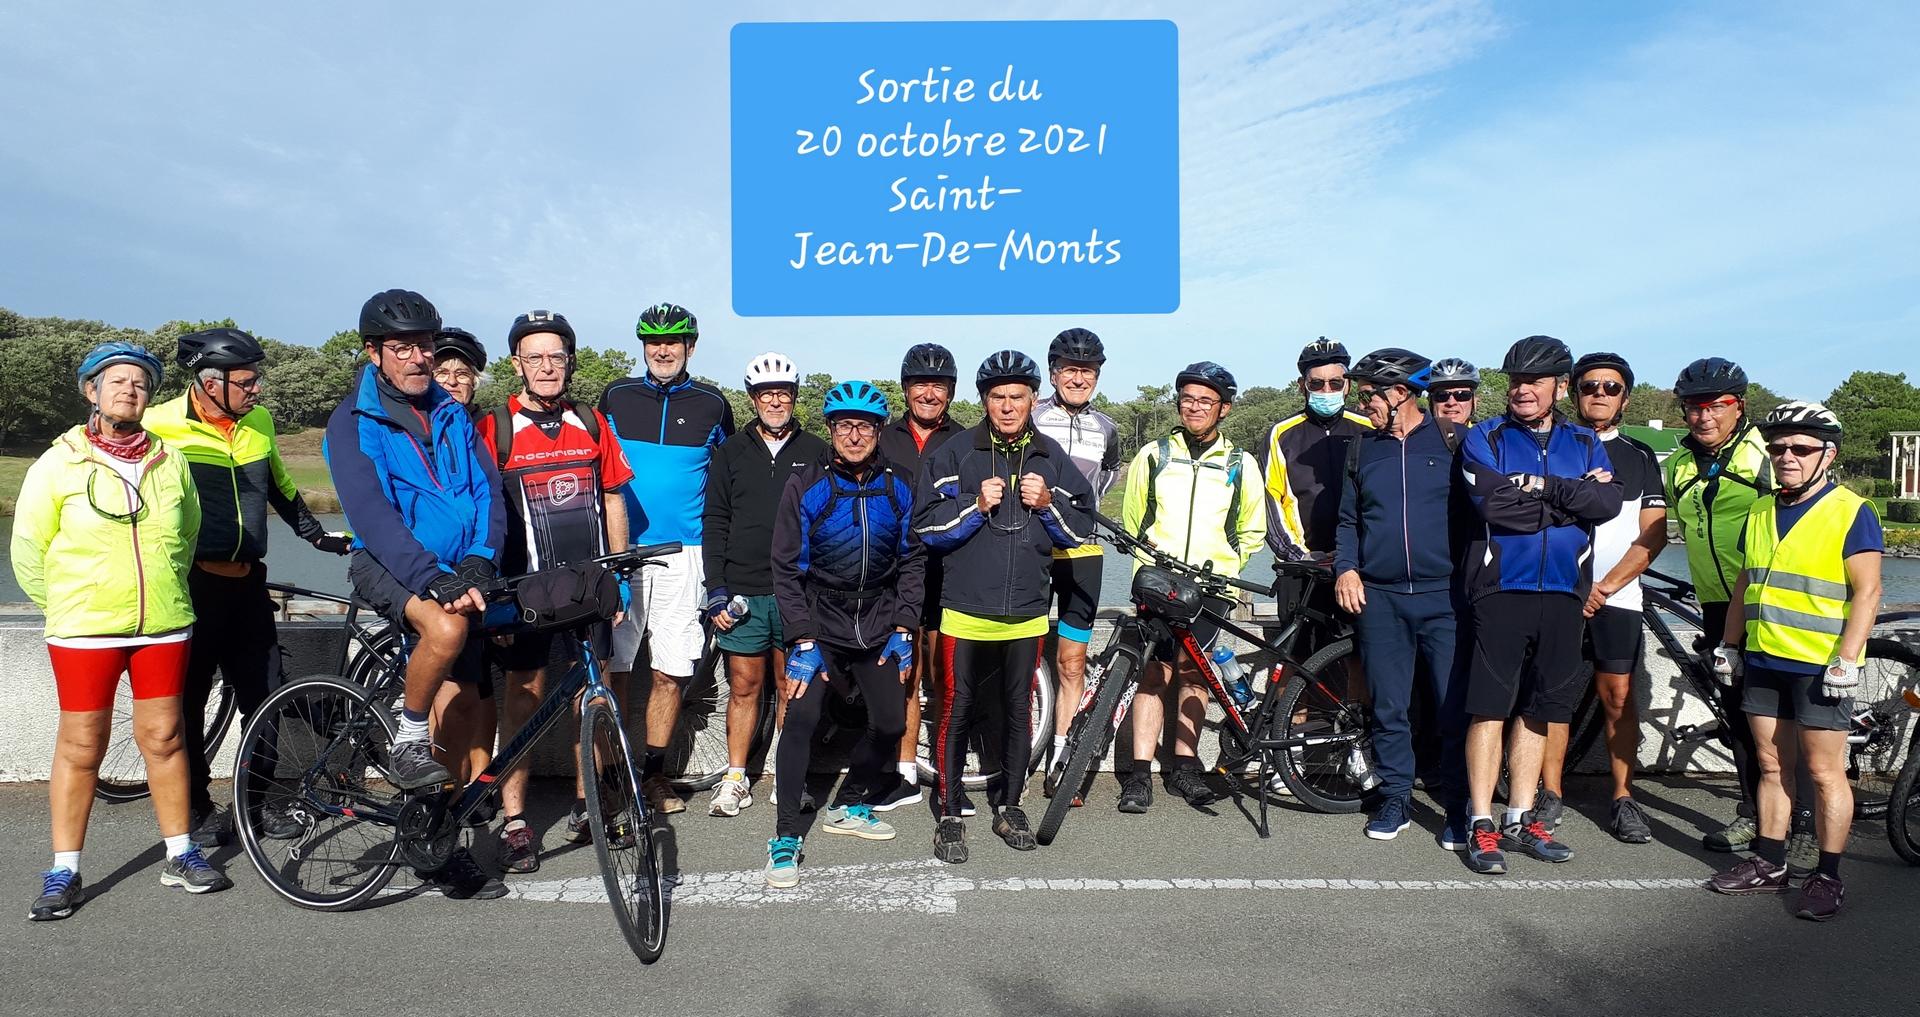 Sortie VTC à St-Jean de Monts